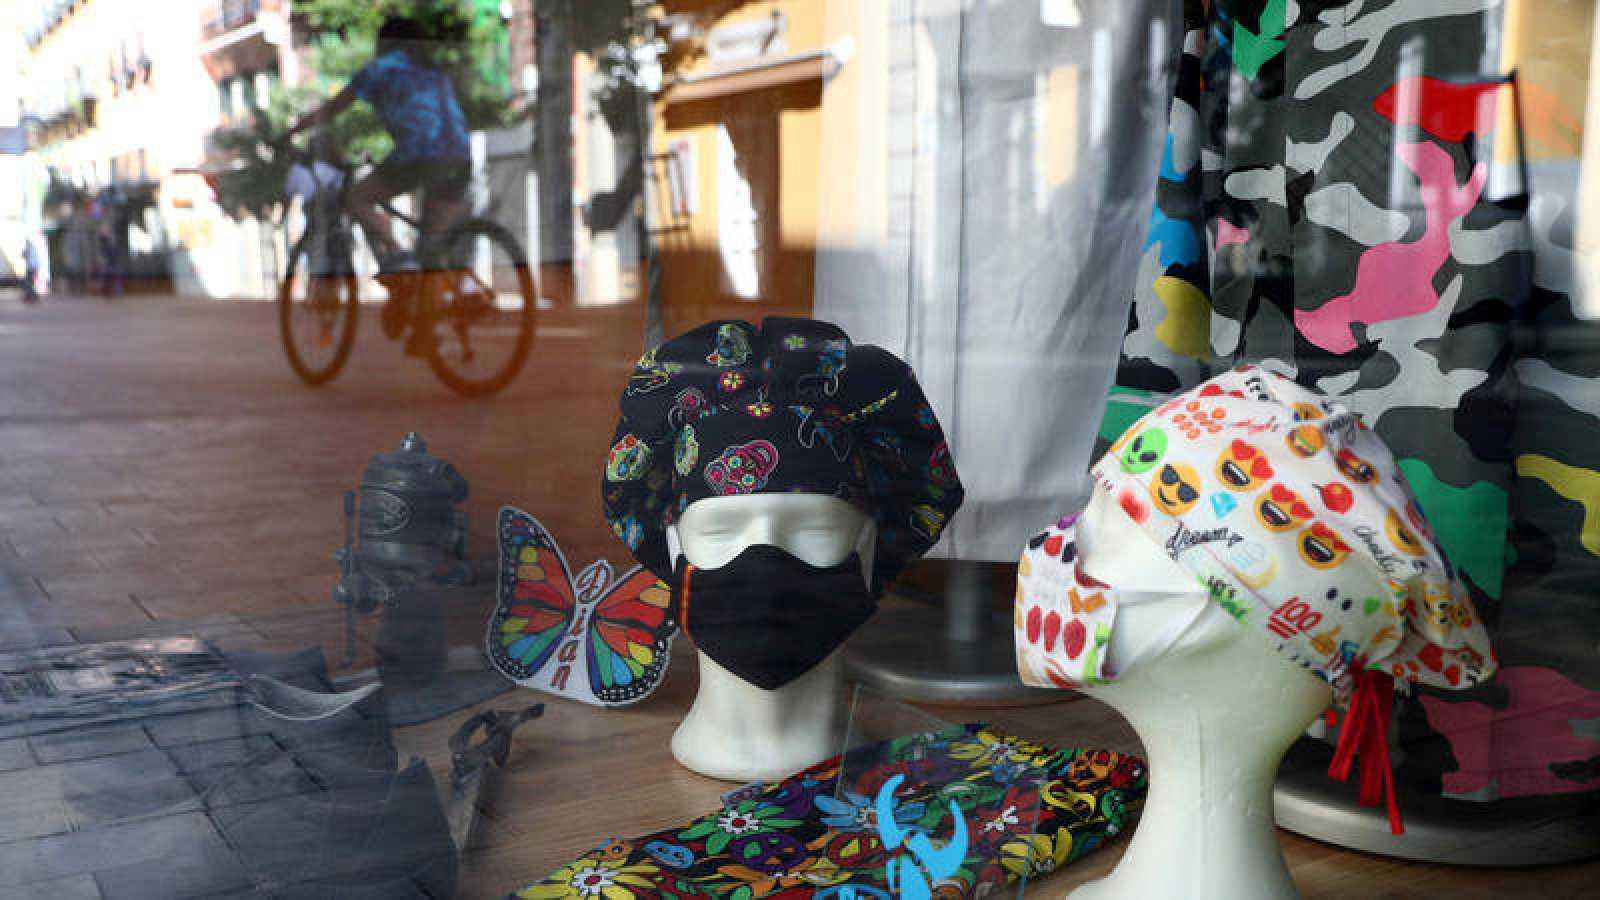 Mascarillas de tela en un escaparate en Madrid